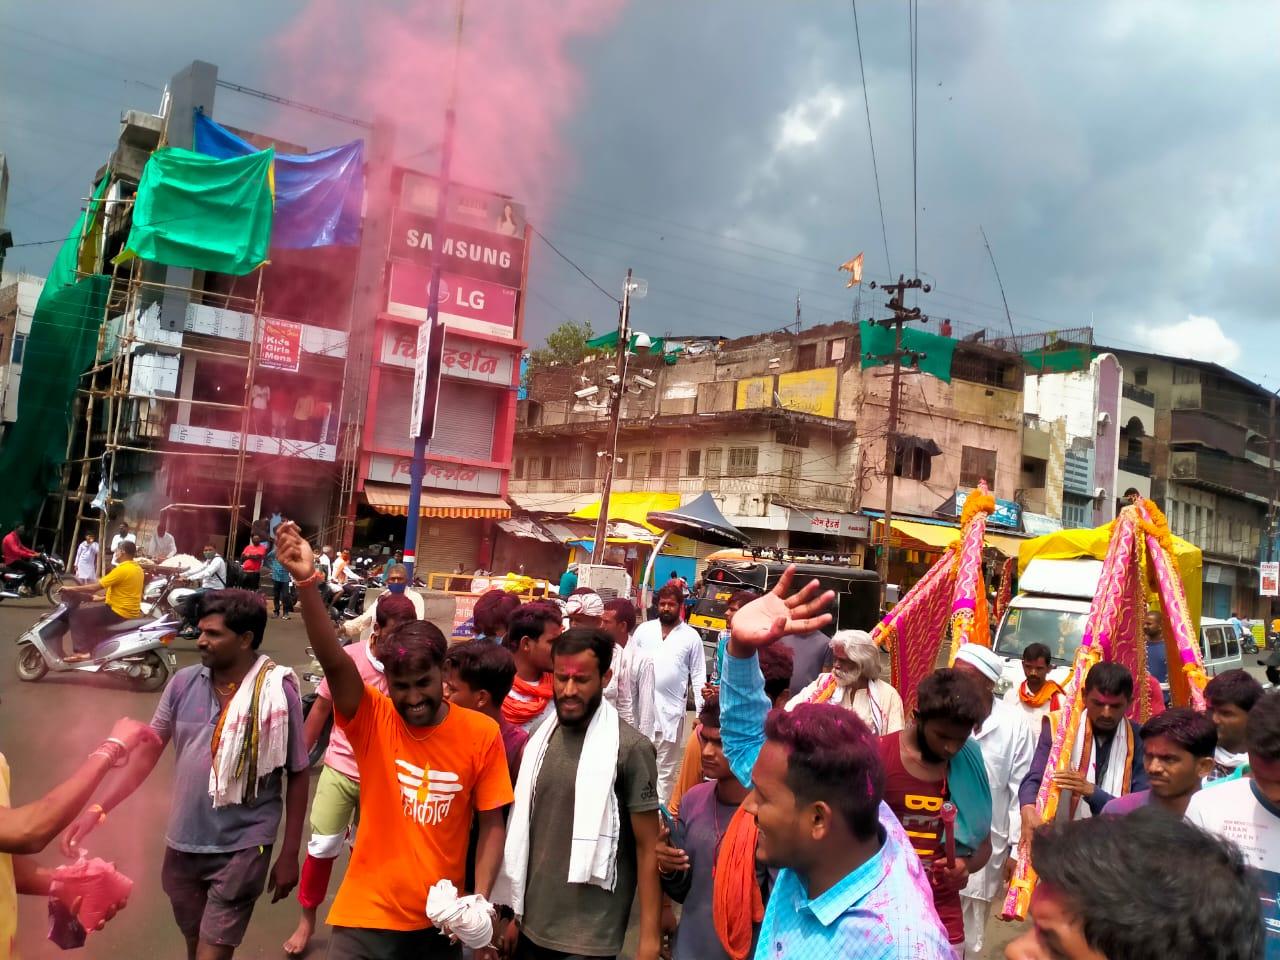 खंडवा जिले की सीमाएं आज रात से सील; 21 से 23 जुलाई तक बंद रहेगा मंदिर, 350 किमी का सफर तय कर आज पांढुर्णा से खंडवा आएगा रथ खंडवा,Khandwa - Dainik Bhaskar